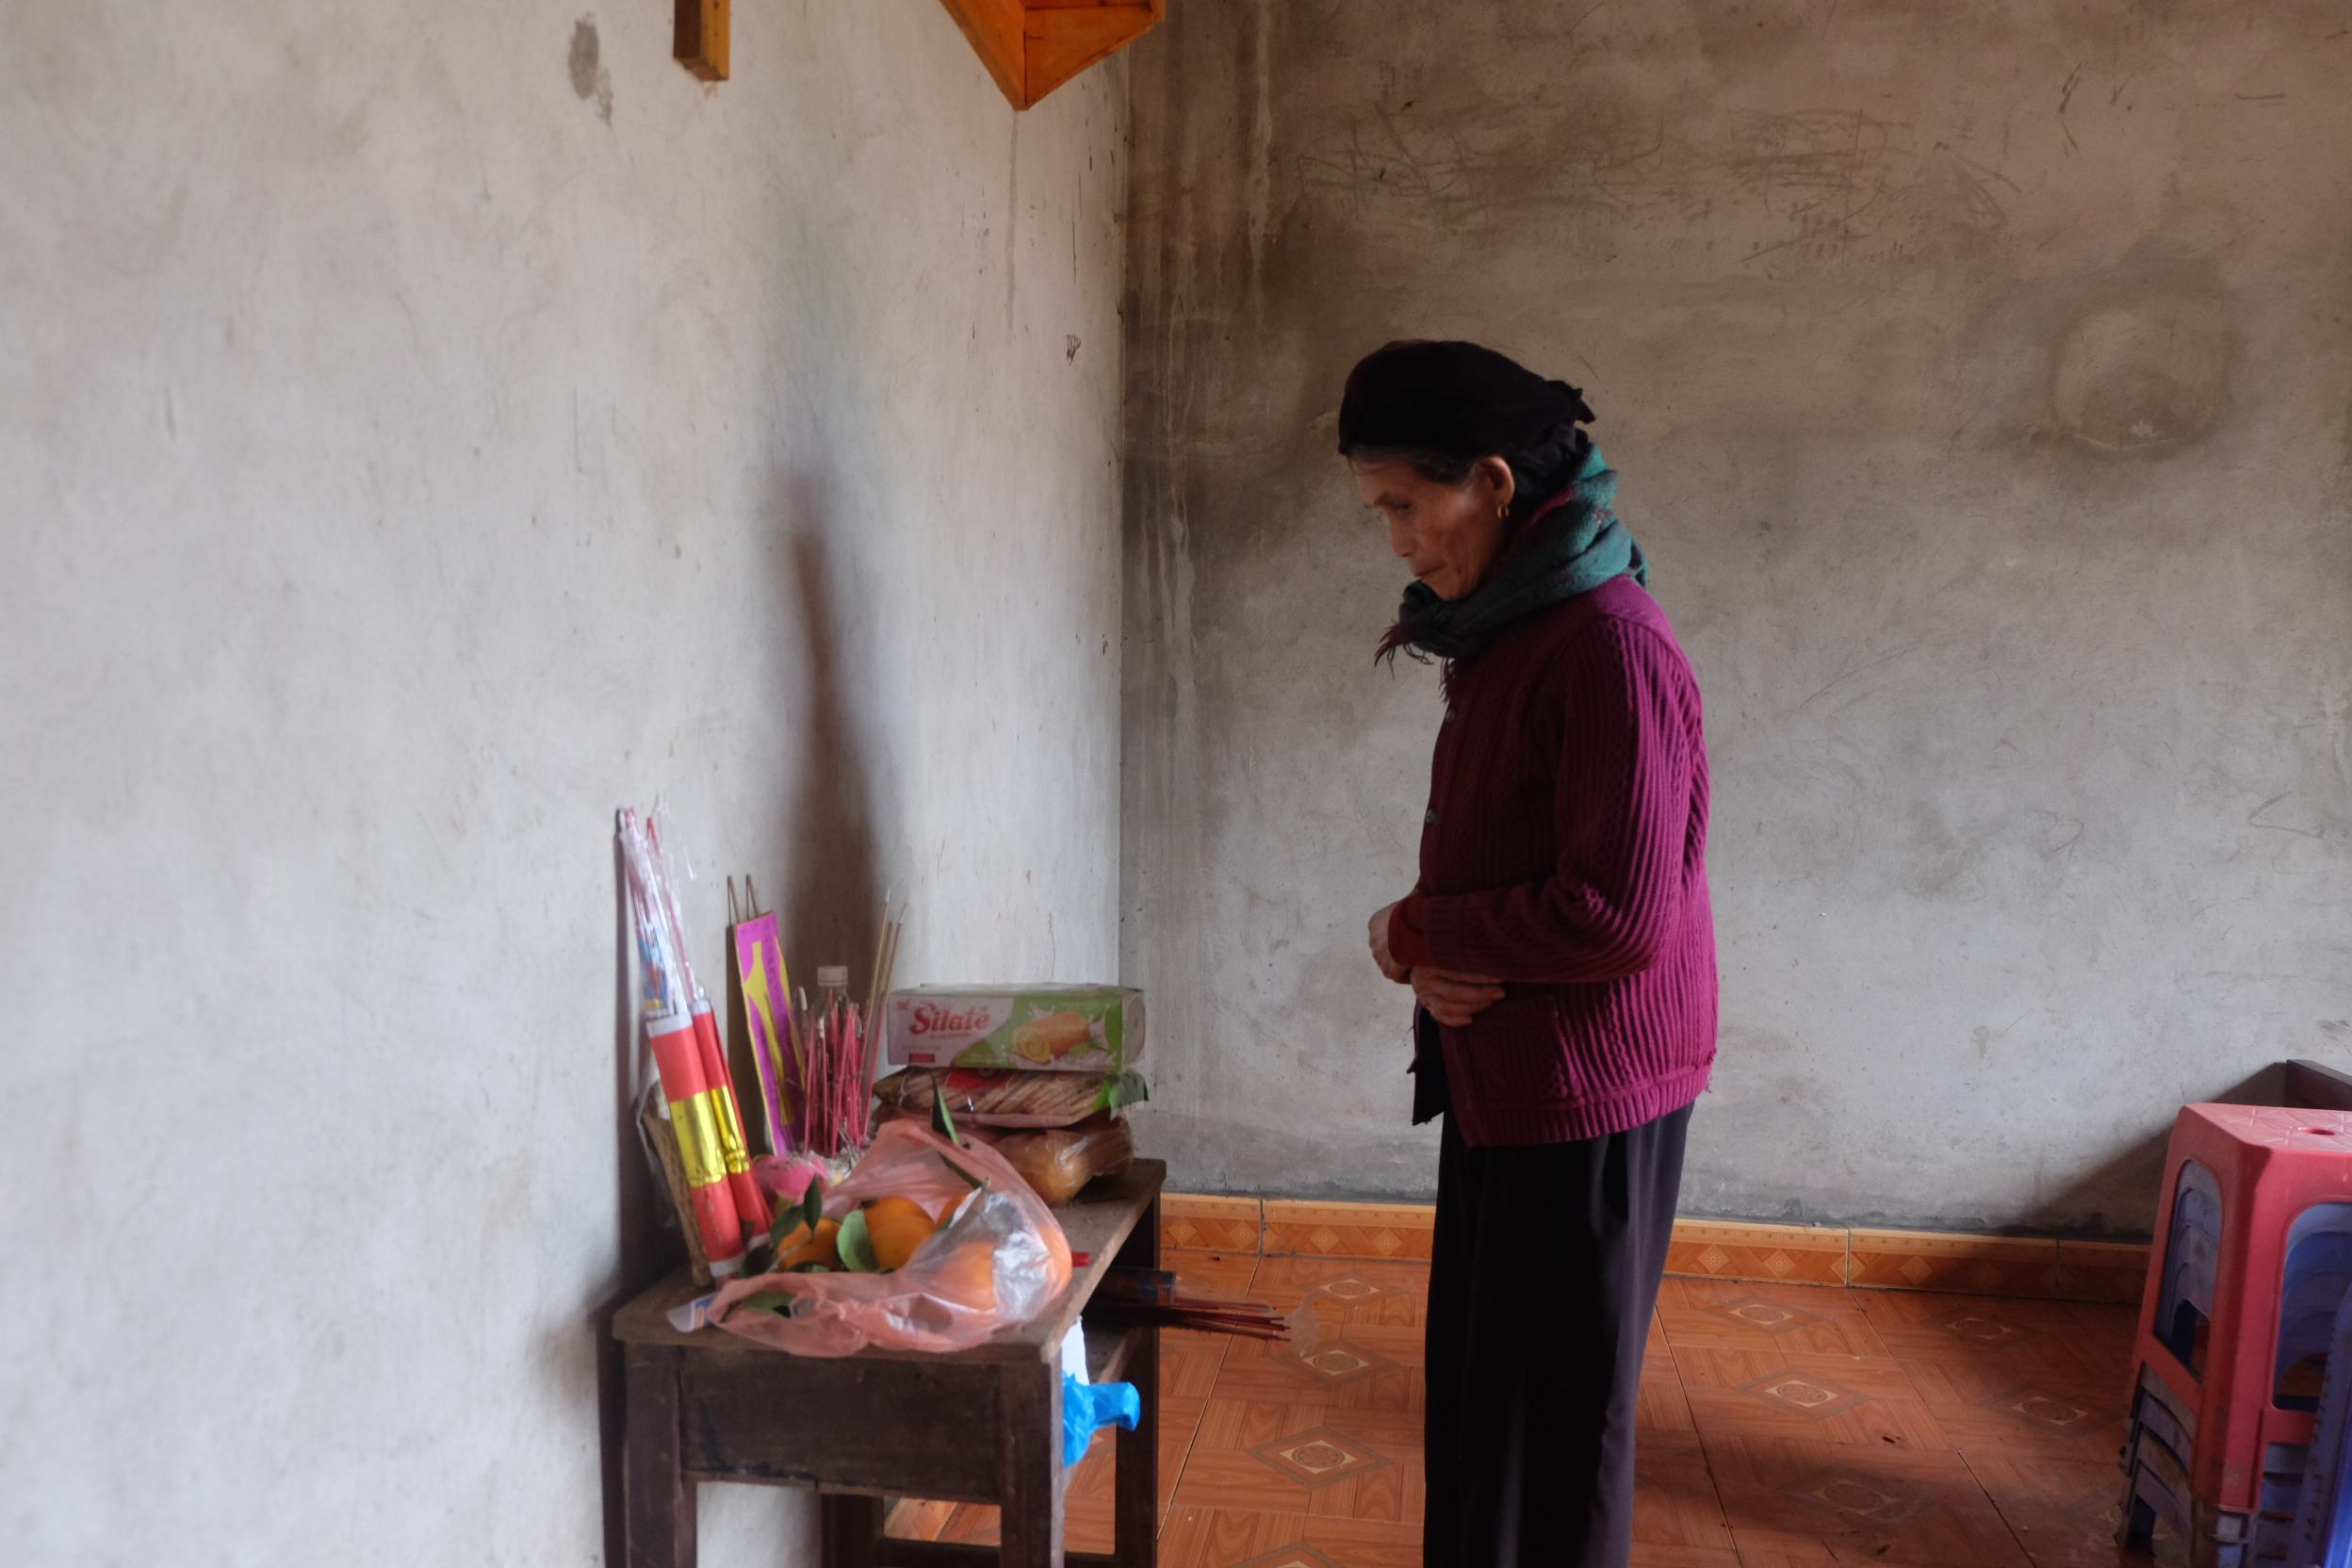 Nữ sinh lớp 6 bị hãm hiếp rồi sát hại ở Lạng Sơn